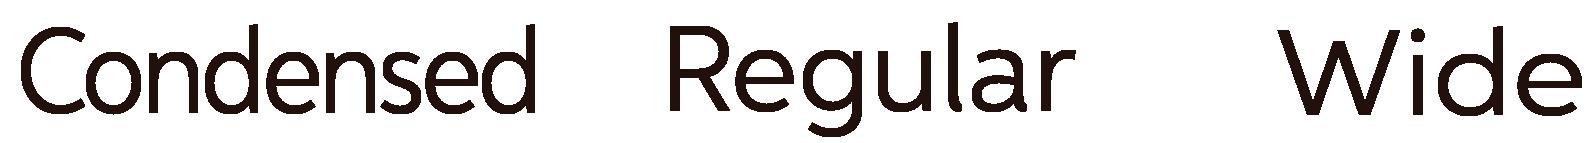 TypographyStylesCondensedWide